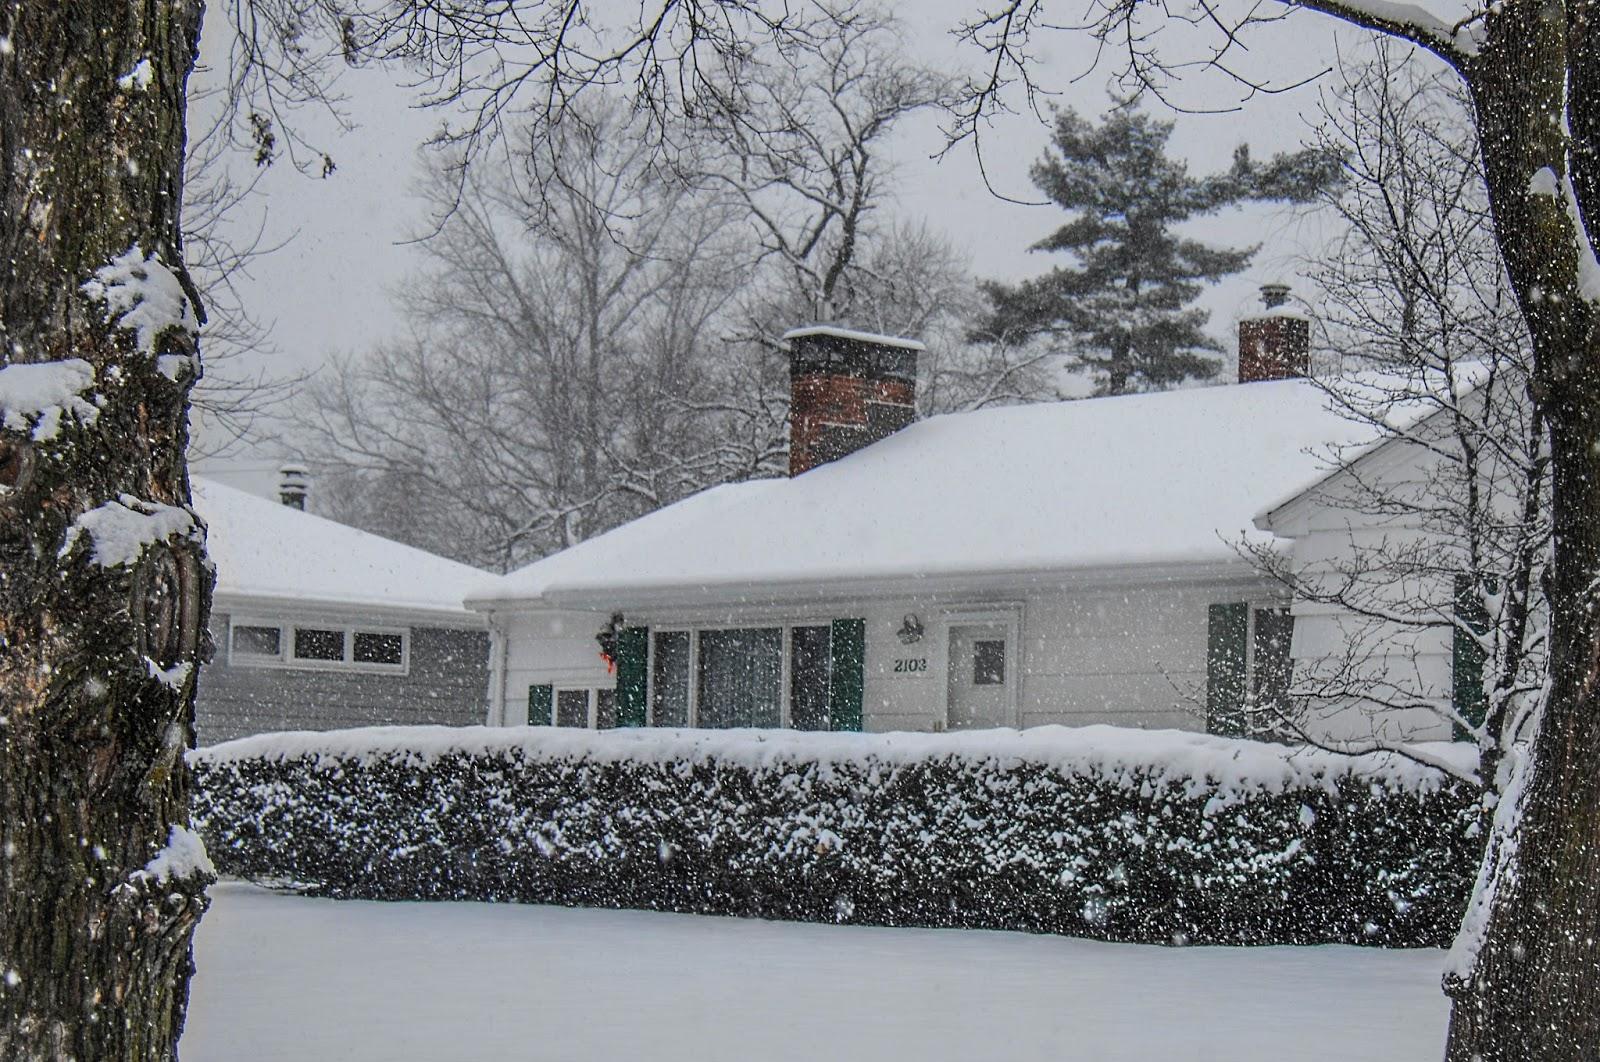 Bailey S Buddy Neighborhood Snow Scenes Thursday Morning